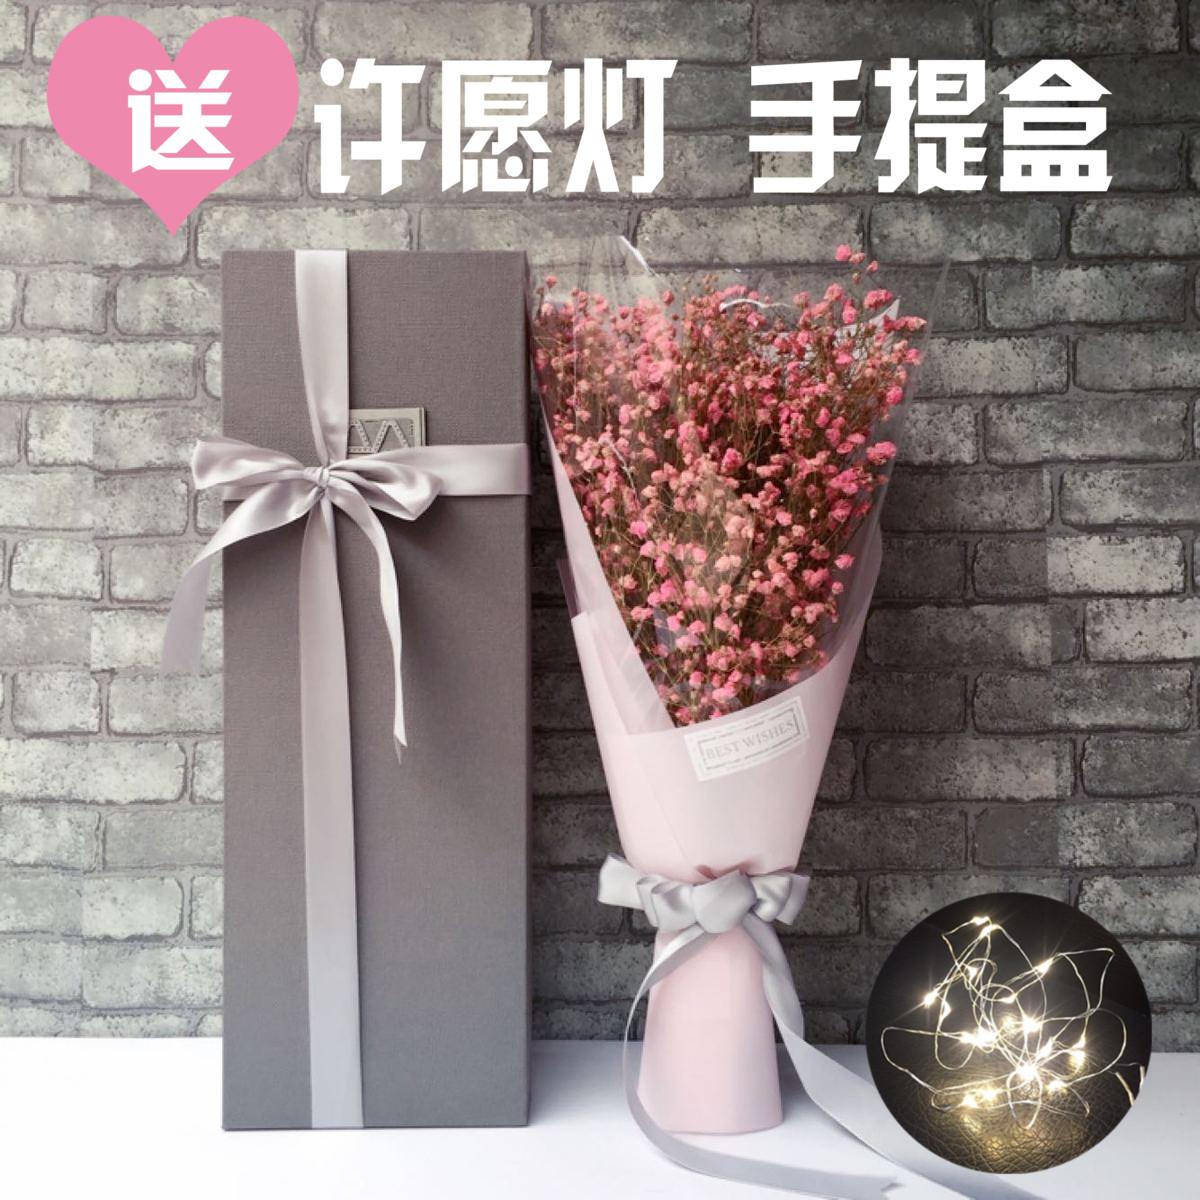 Гипсофила сушеный цветок букет подарочная коробка вечный цветок подруга подруга день рождения INS красный Осенний подарок выпускной девочки